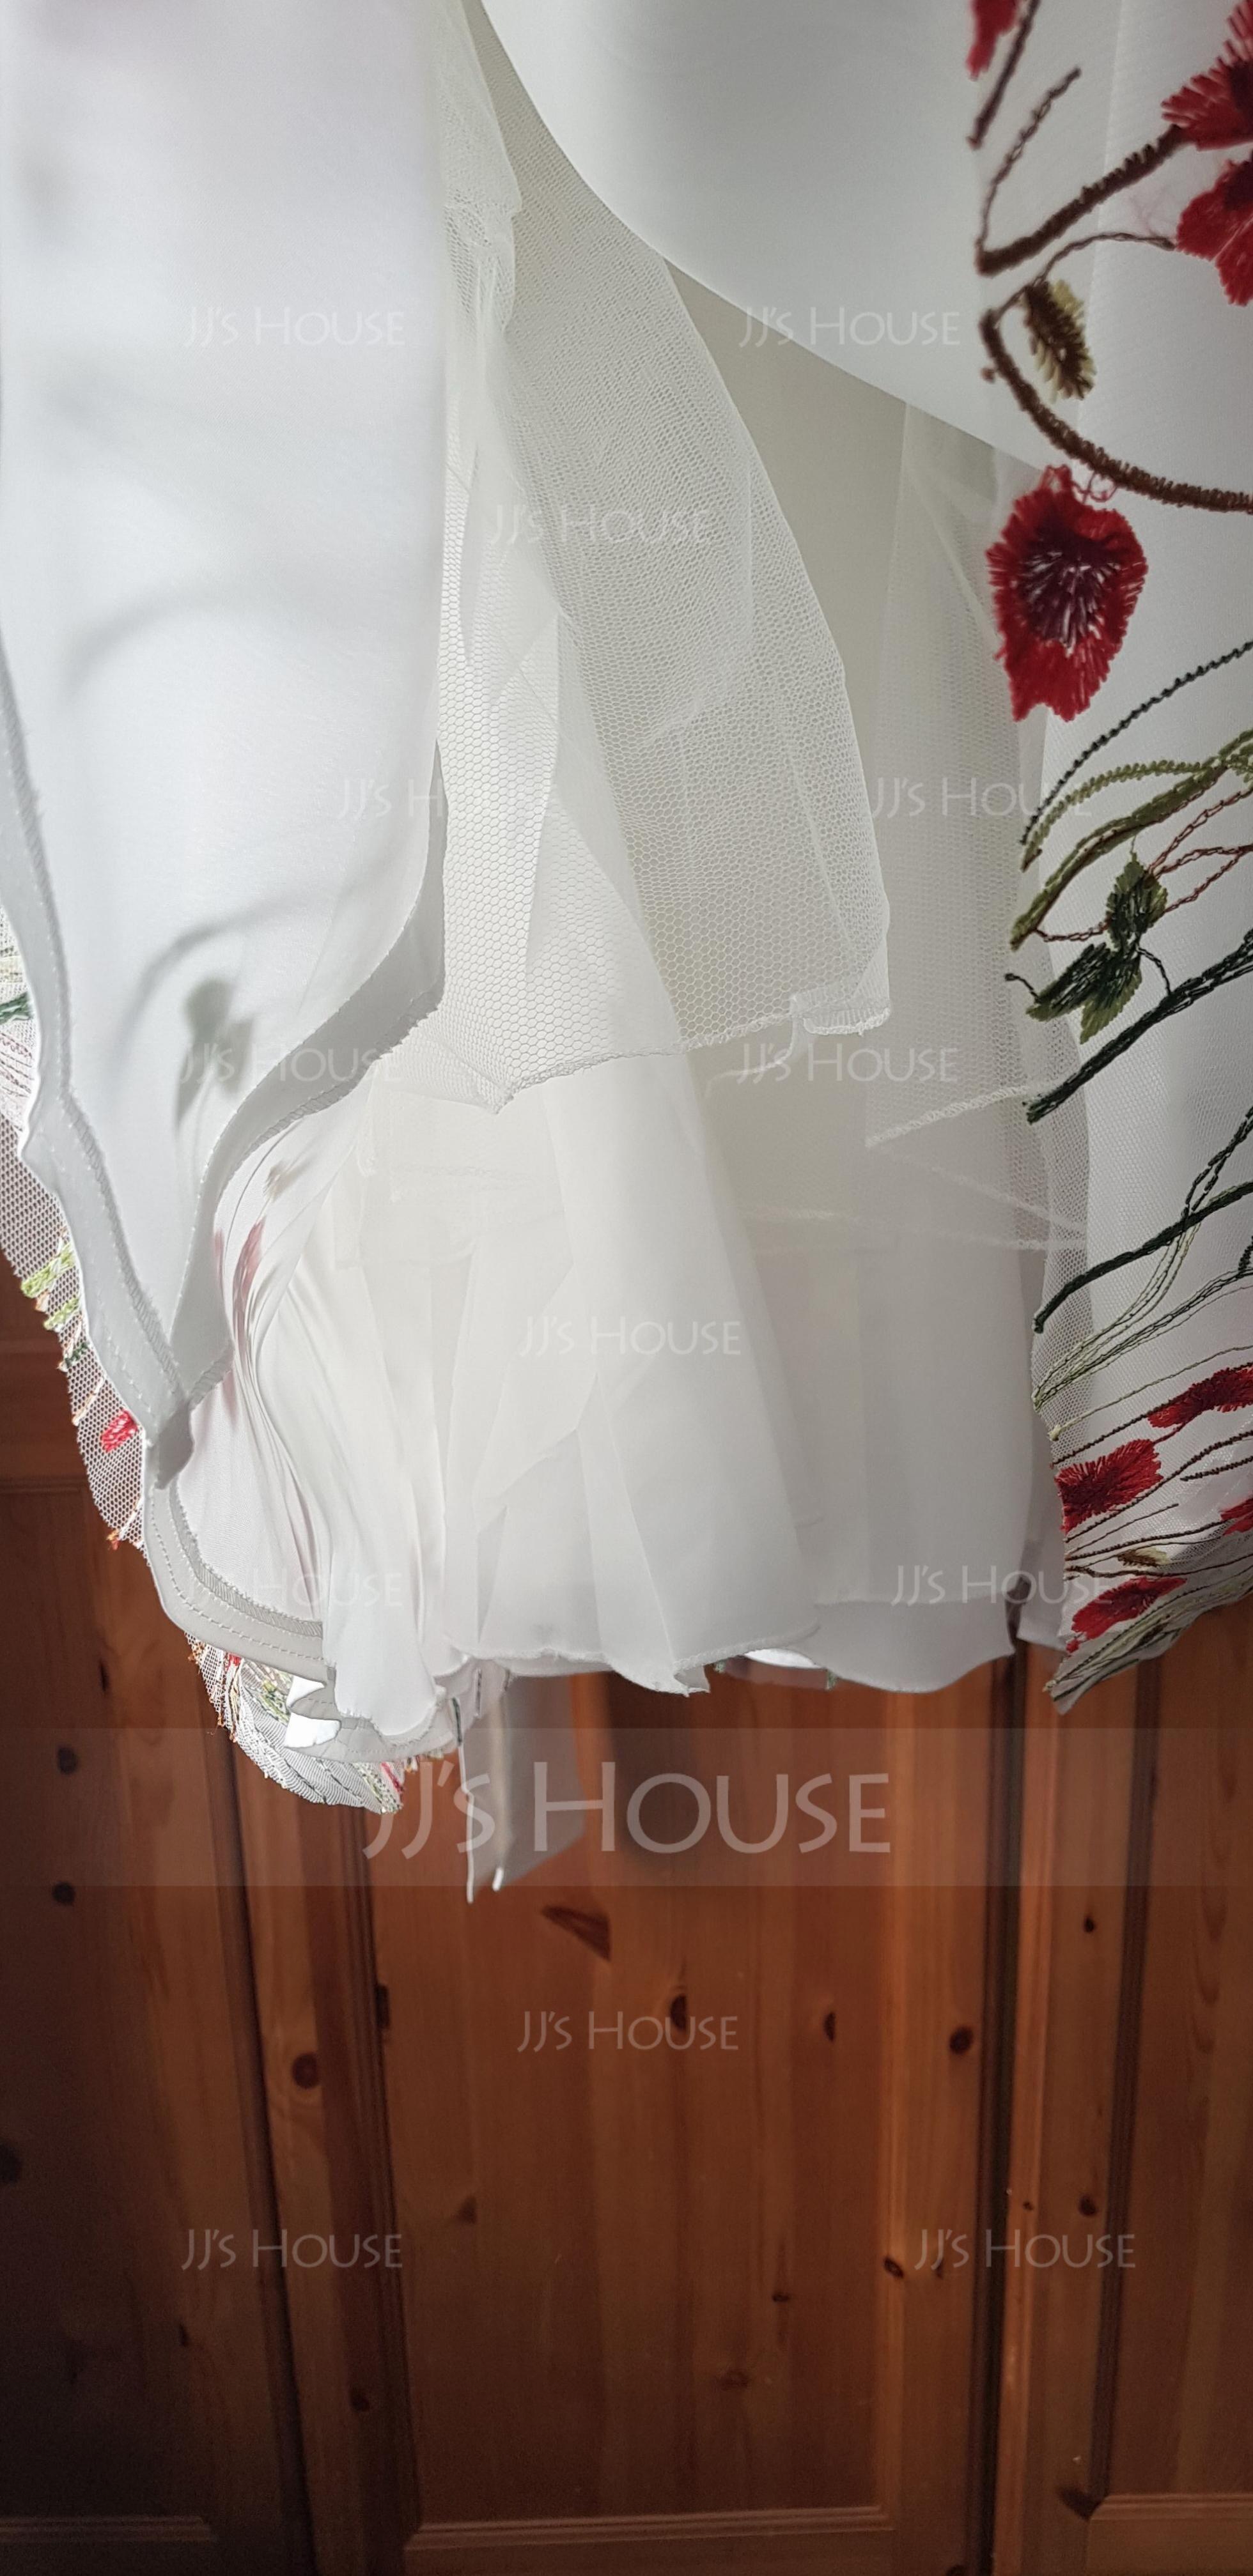 Aライン マキシレングス フラワーガールのドレス - ジャカール 袖なし Vネック とともに フラワー/弓